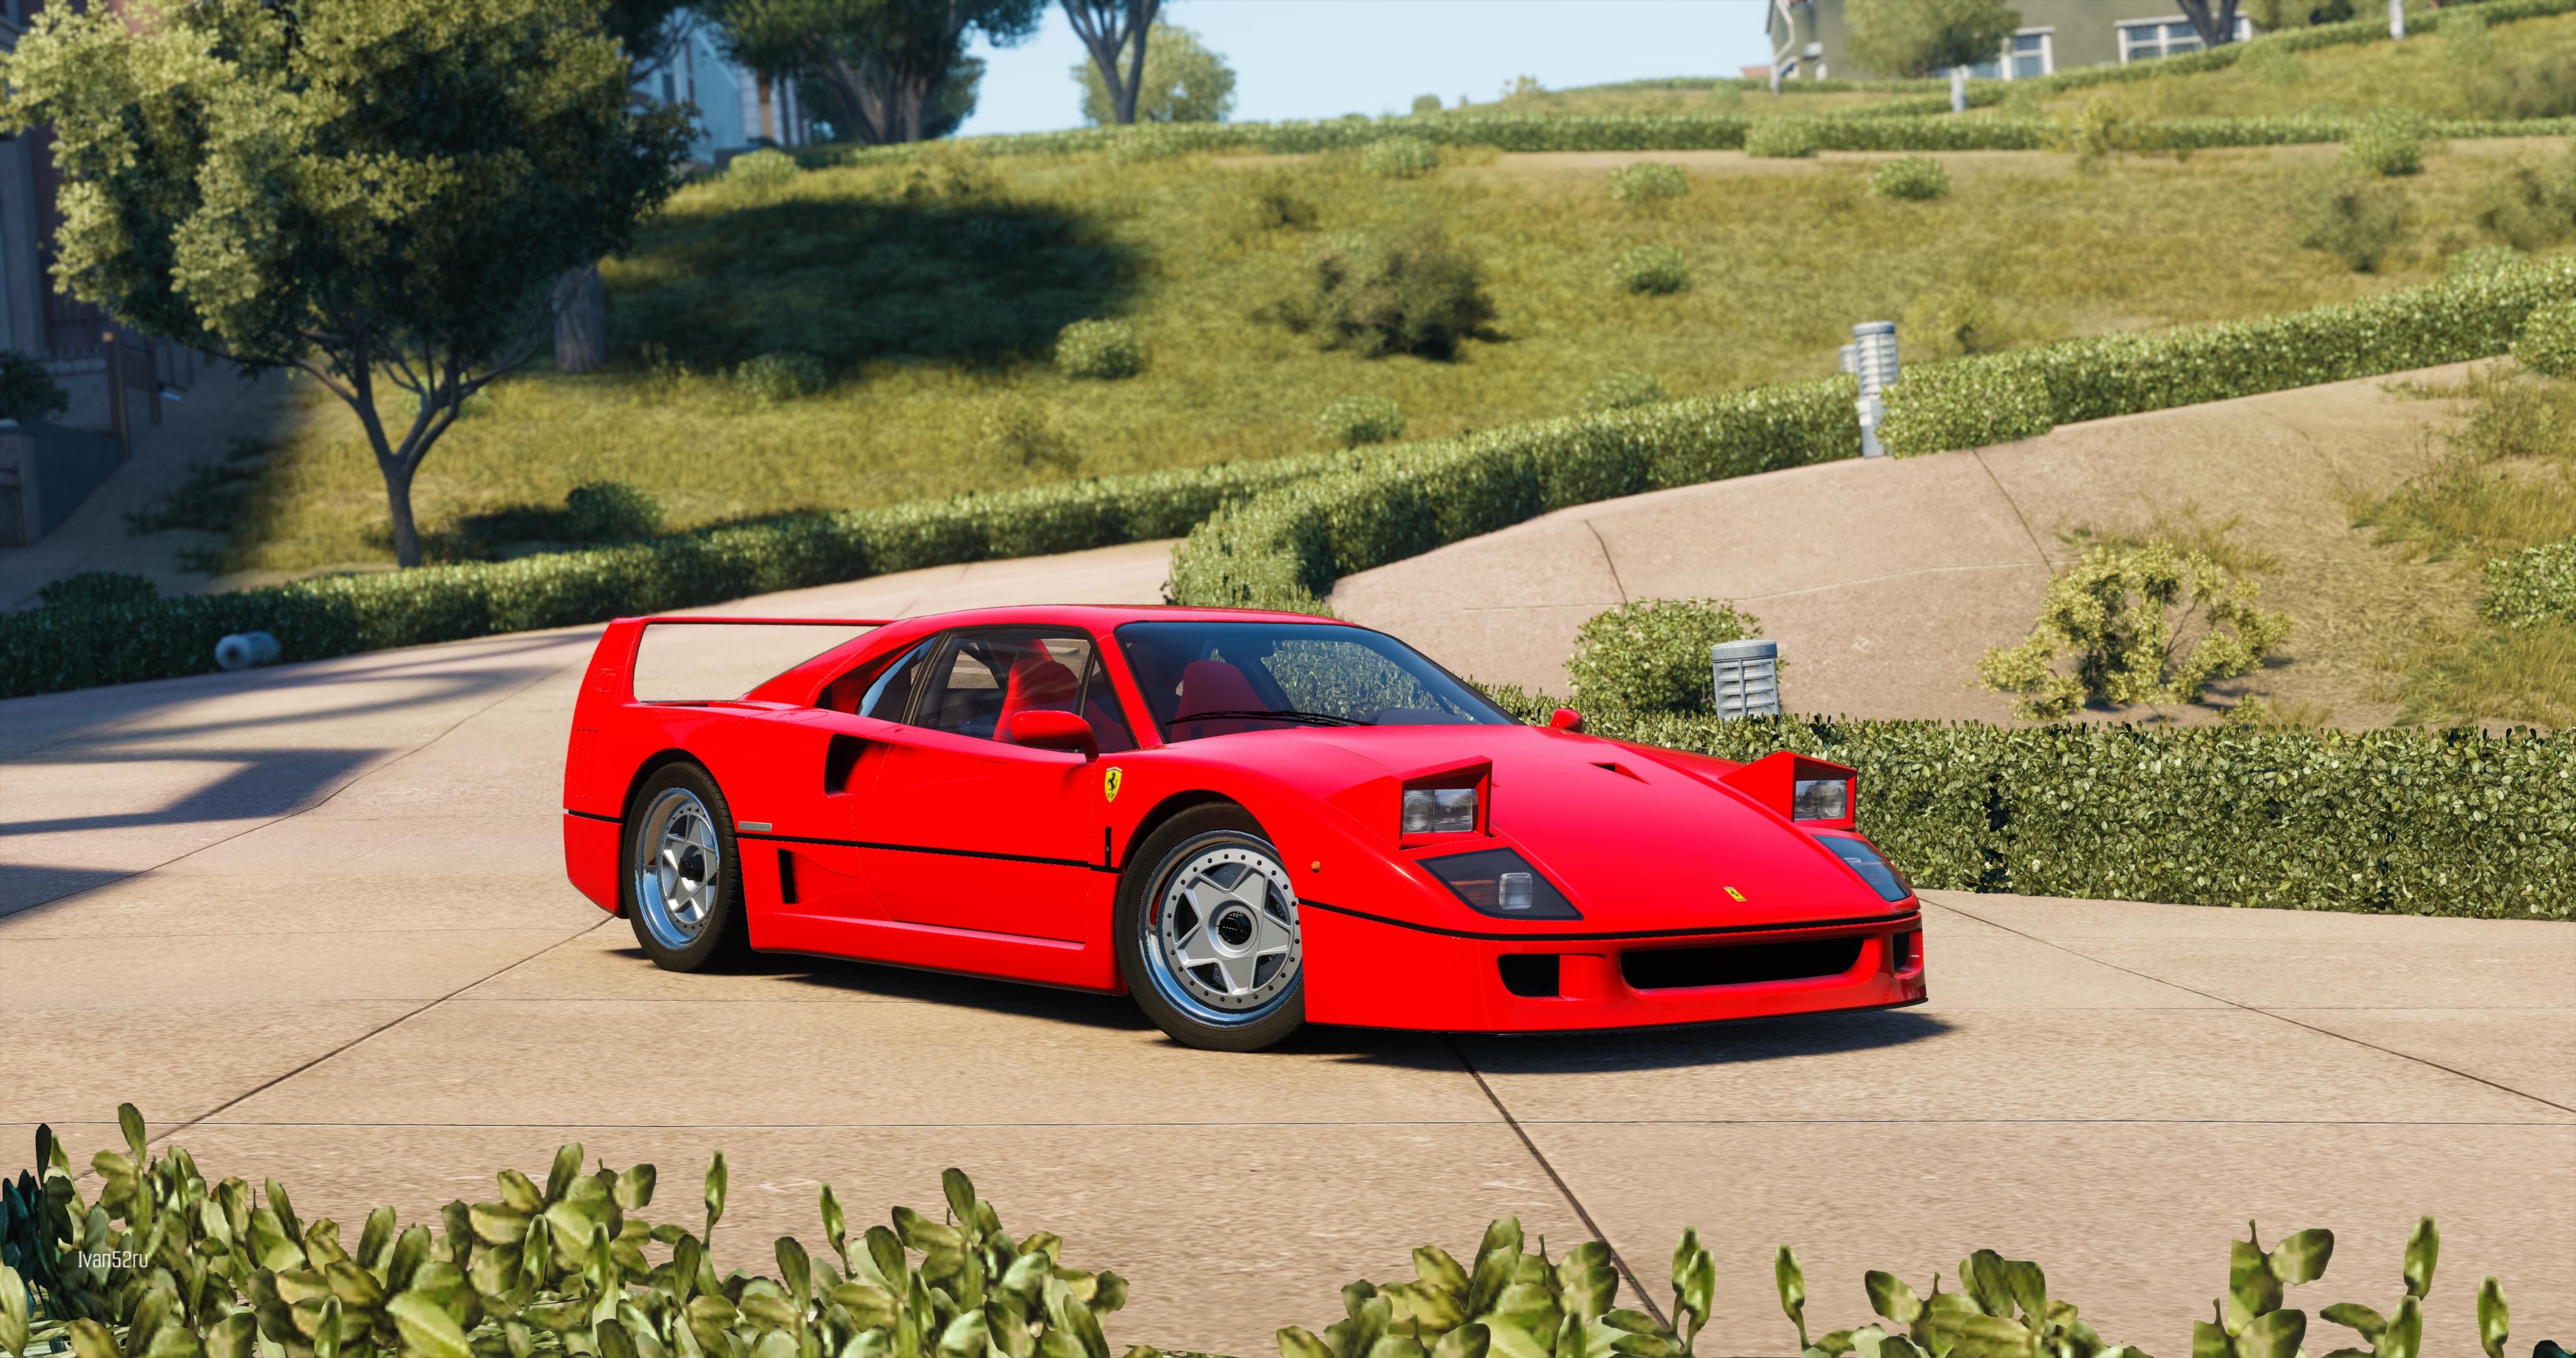 Ferrari F40 4k Ultra HD Wallpaper